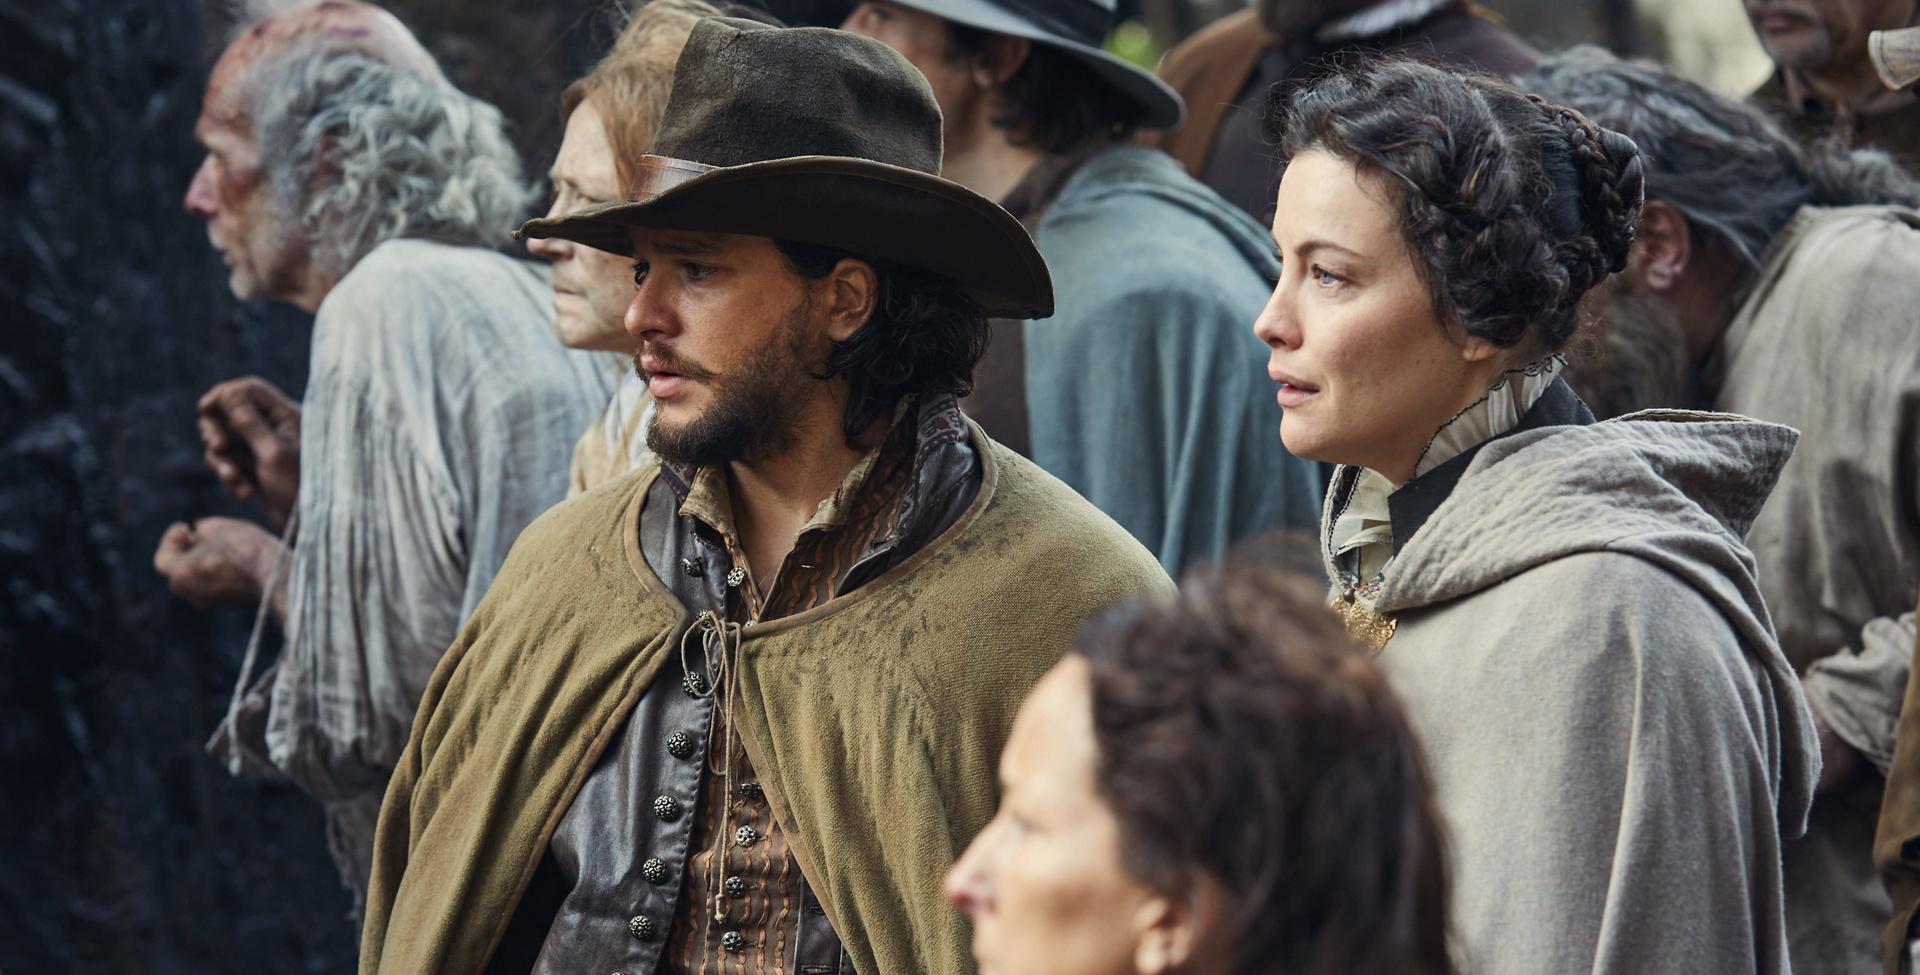 Kit Harington: Gunpowder'da Atalarımdan Birini Niye Canlandırdım?